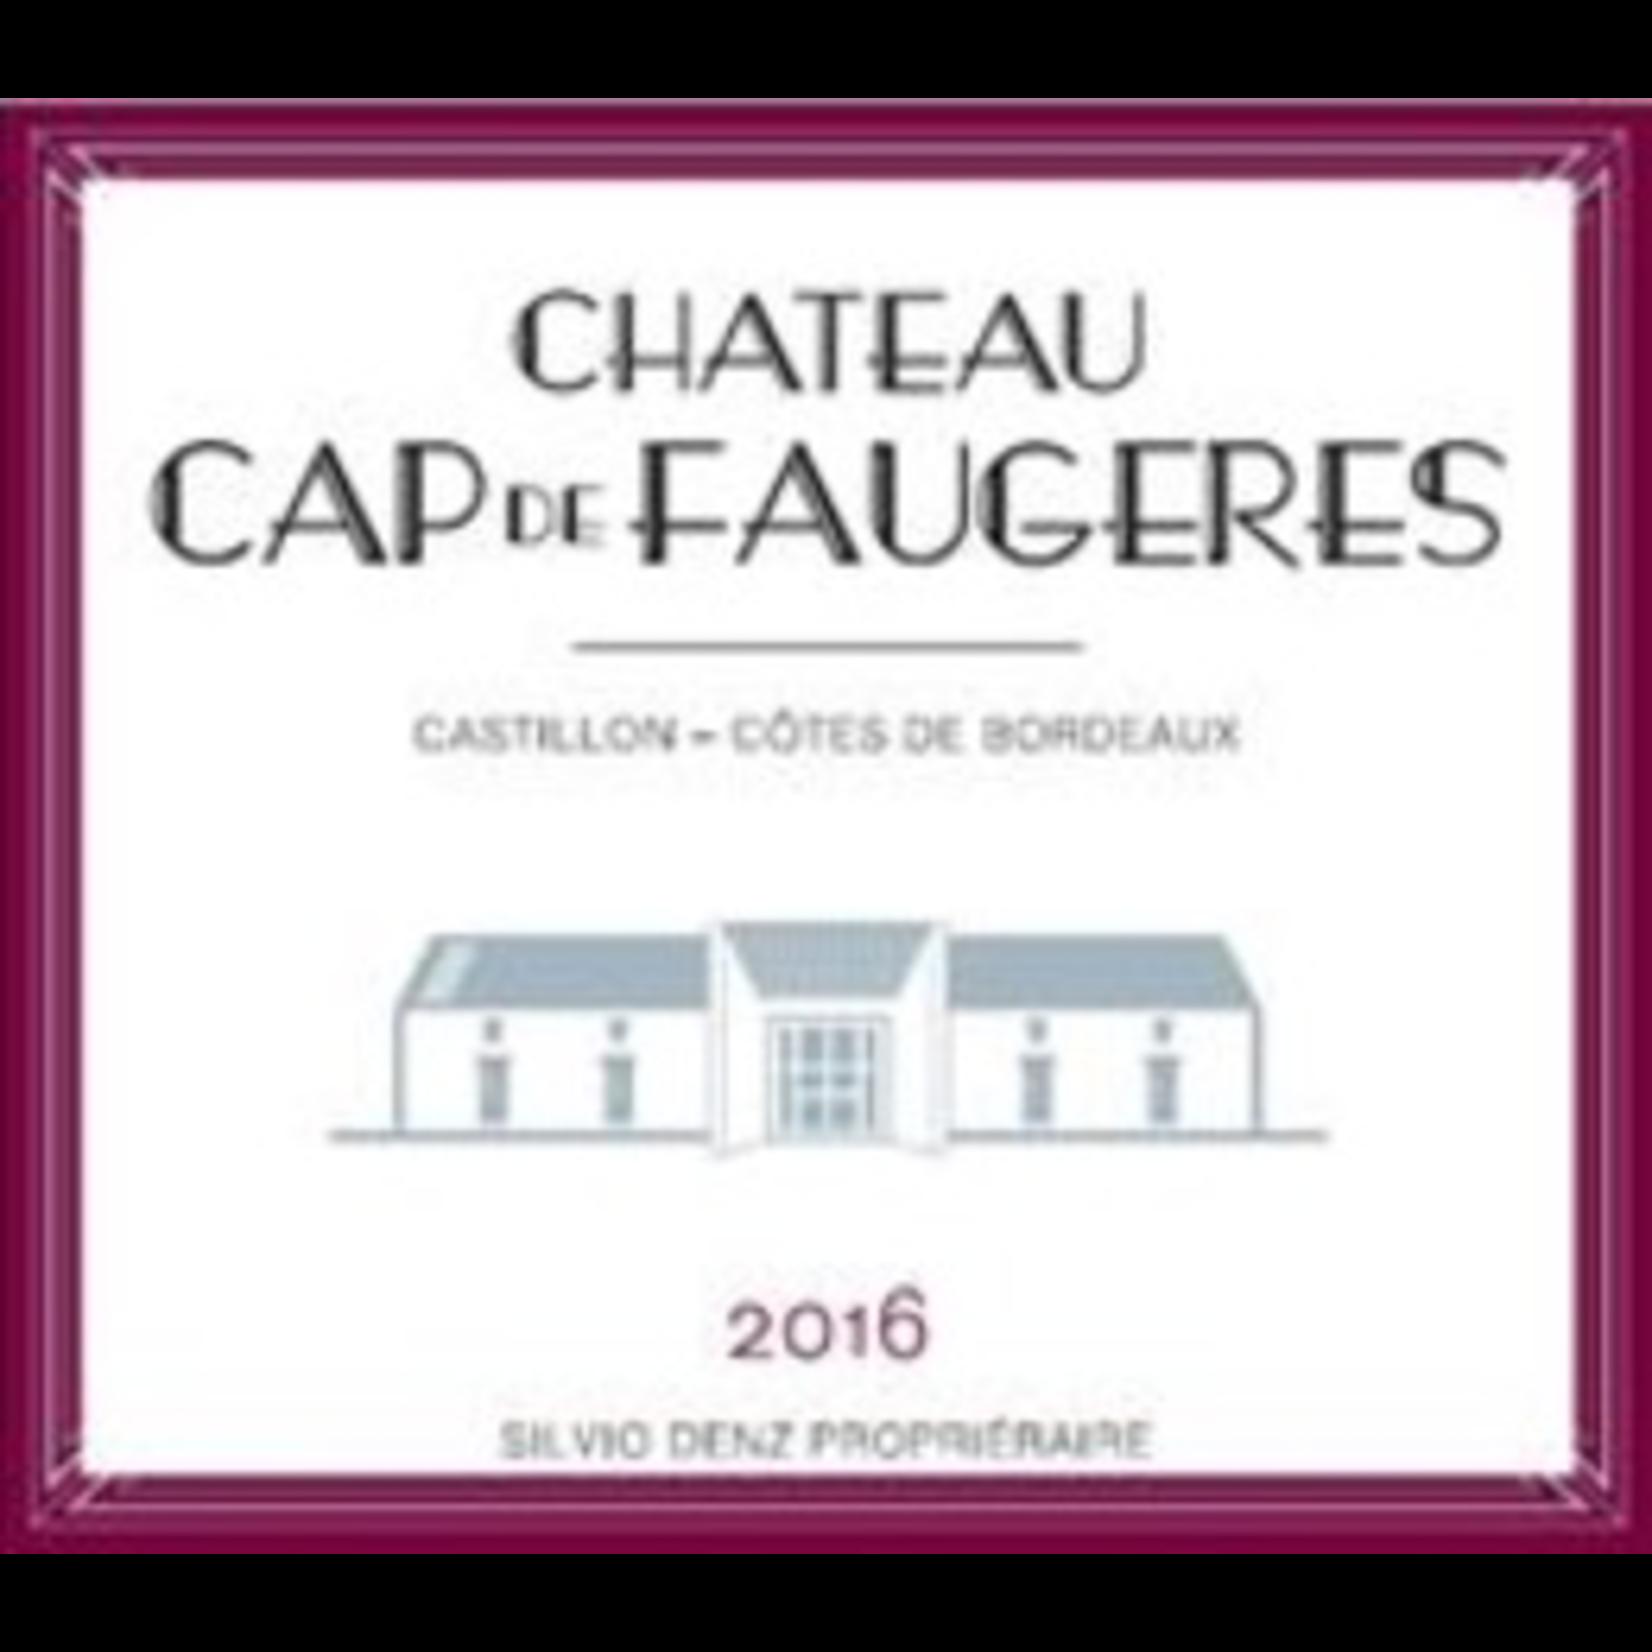 Wine Chateau Cap de Faugeres 2018